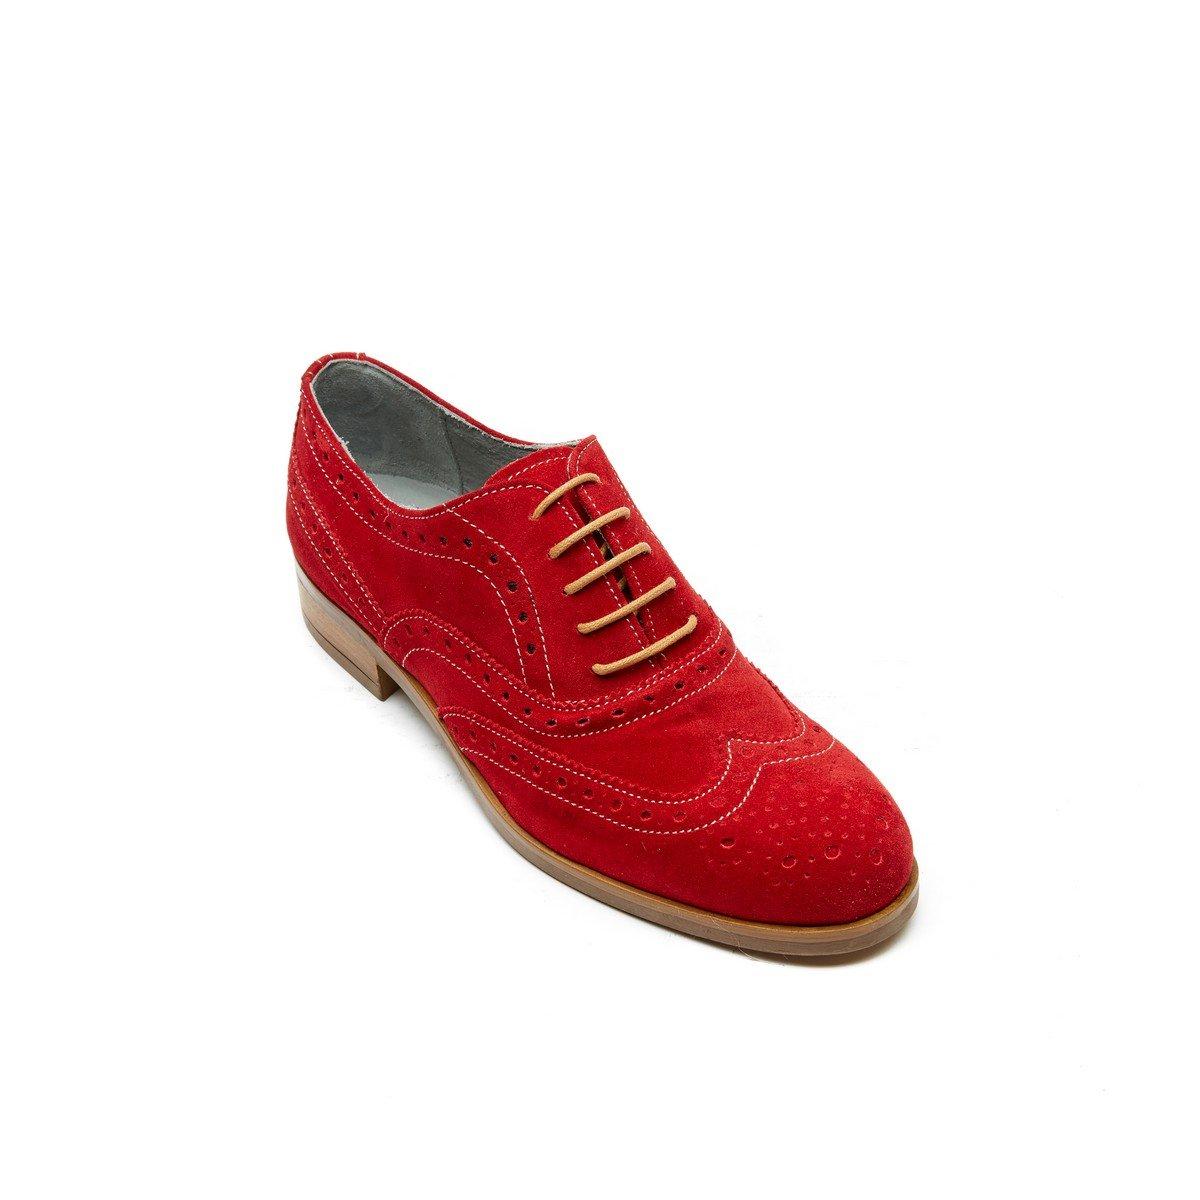 Frank Daniel Oxford, B01HIYPGYU Chaussures de Ville Frank à à Lacets Pour Femme Rouge Rouge - 2407919 - boatplans.space